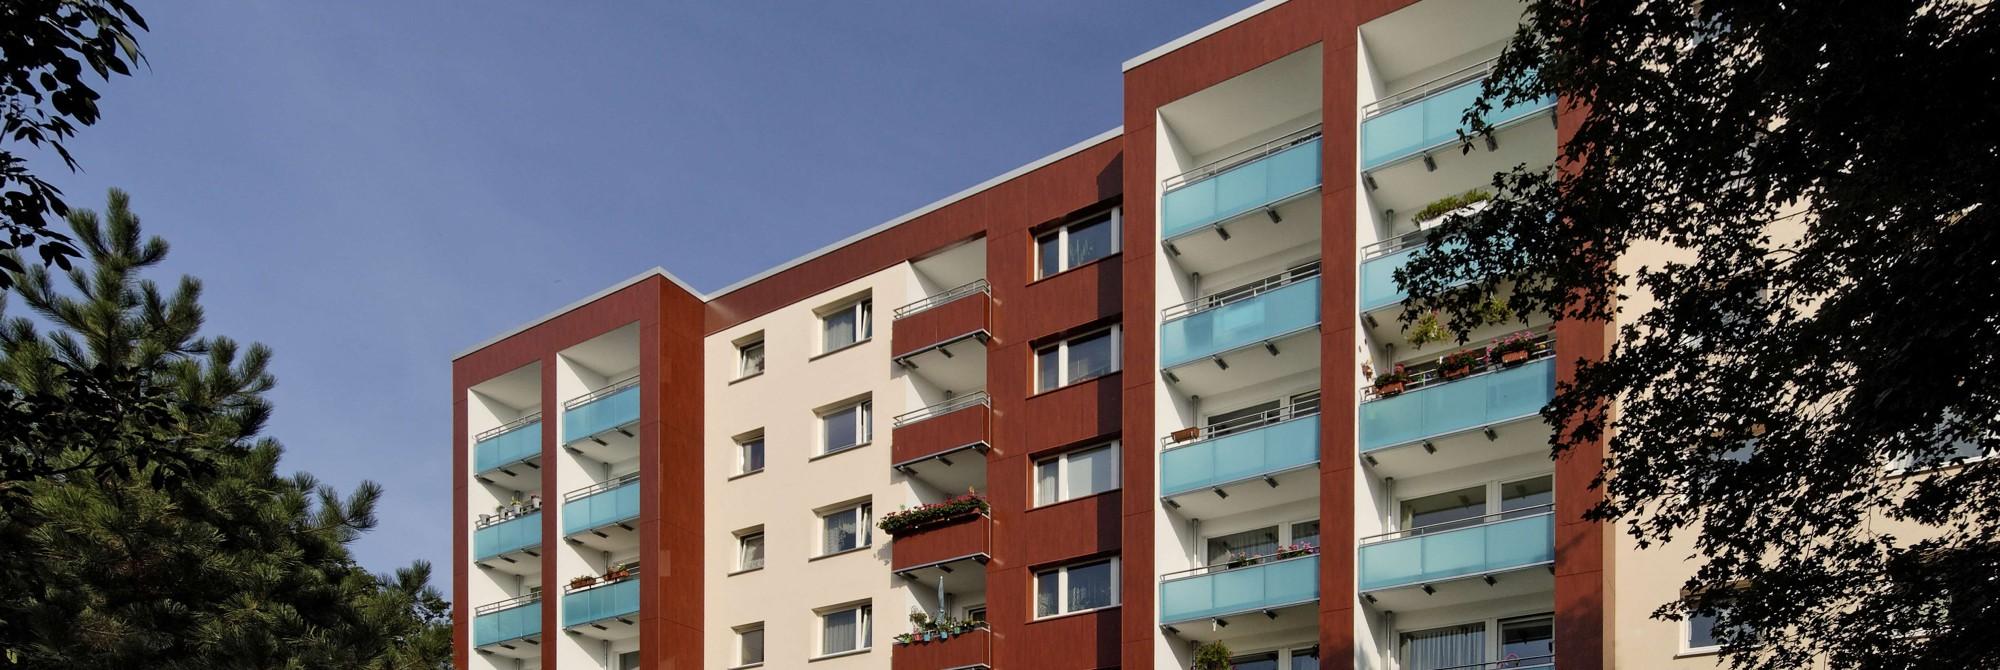 lichtundurchlässige Überdachungen